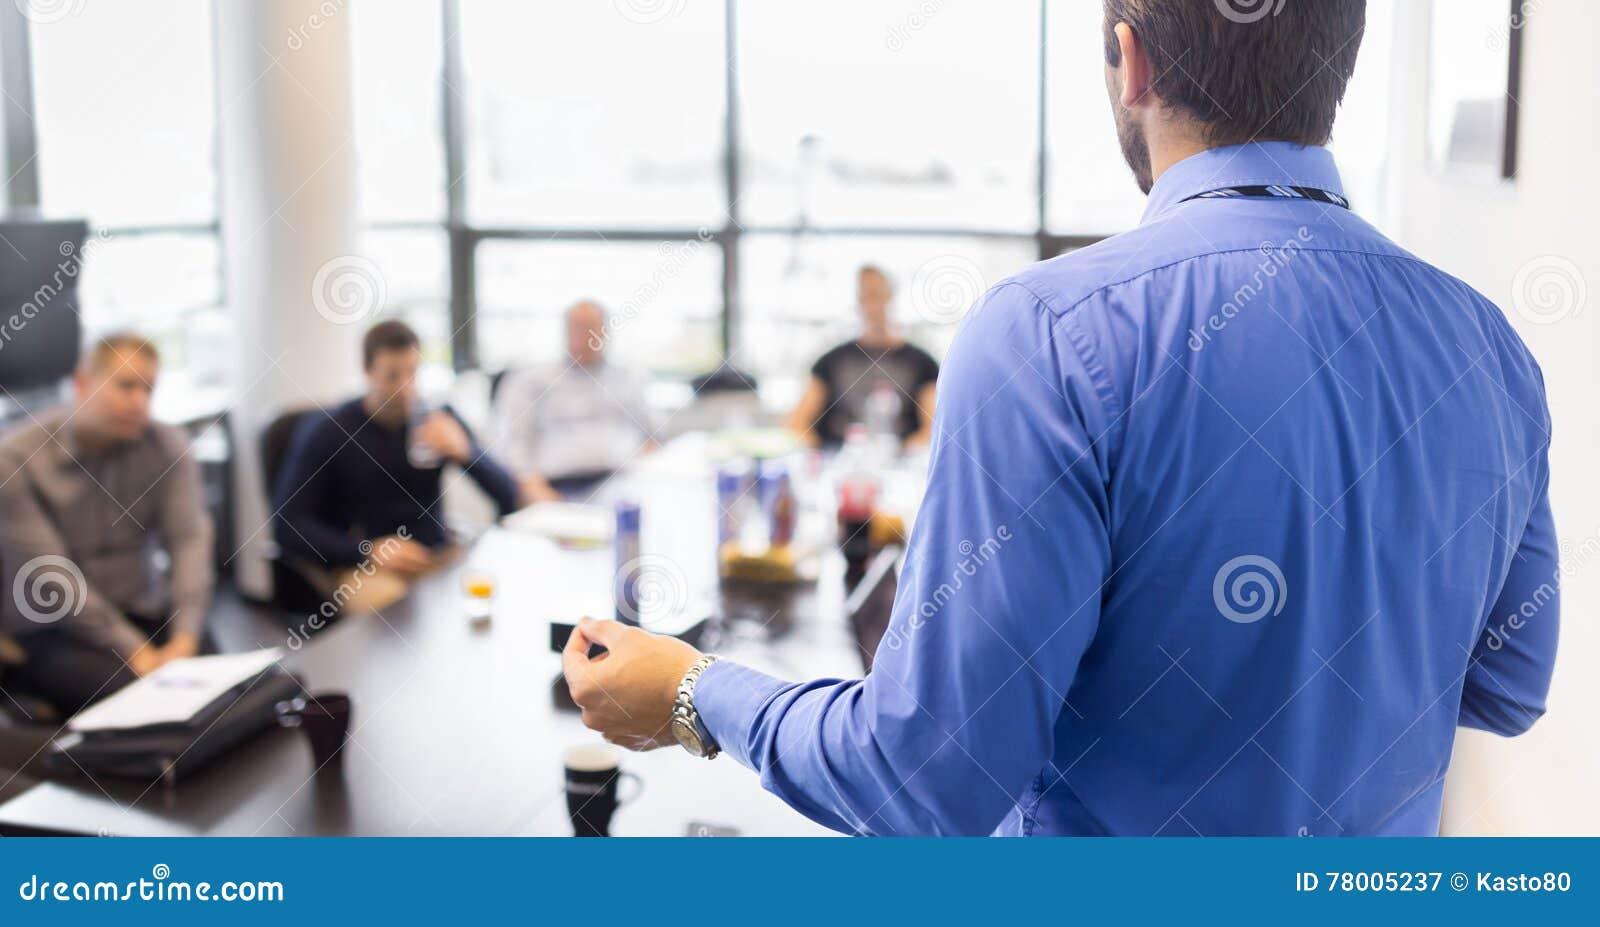 Bedrijfspresentatie op collectieve vergadering